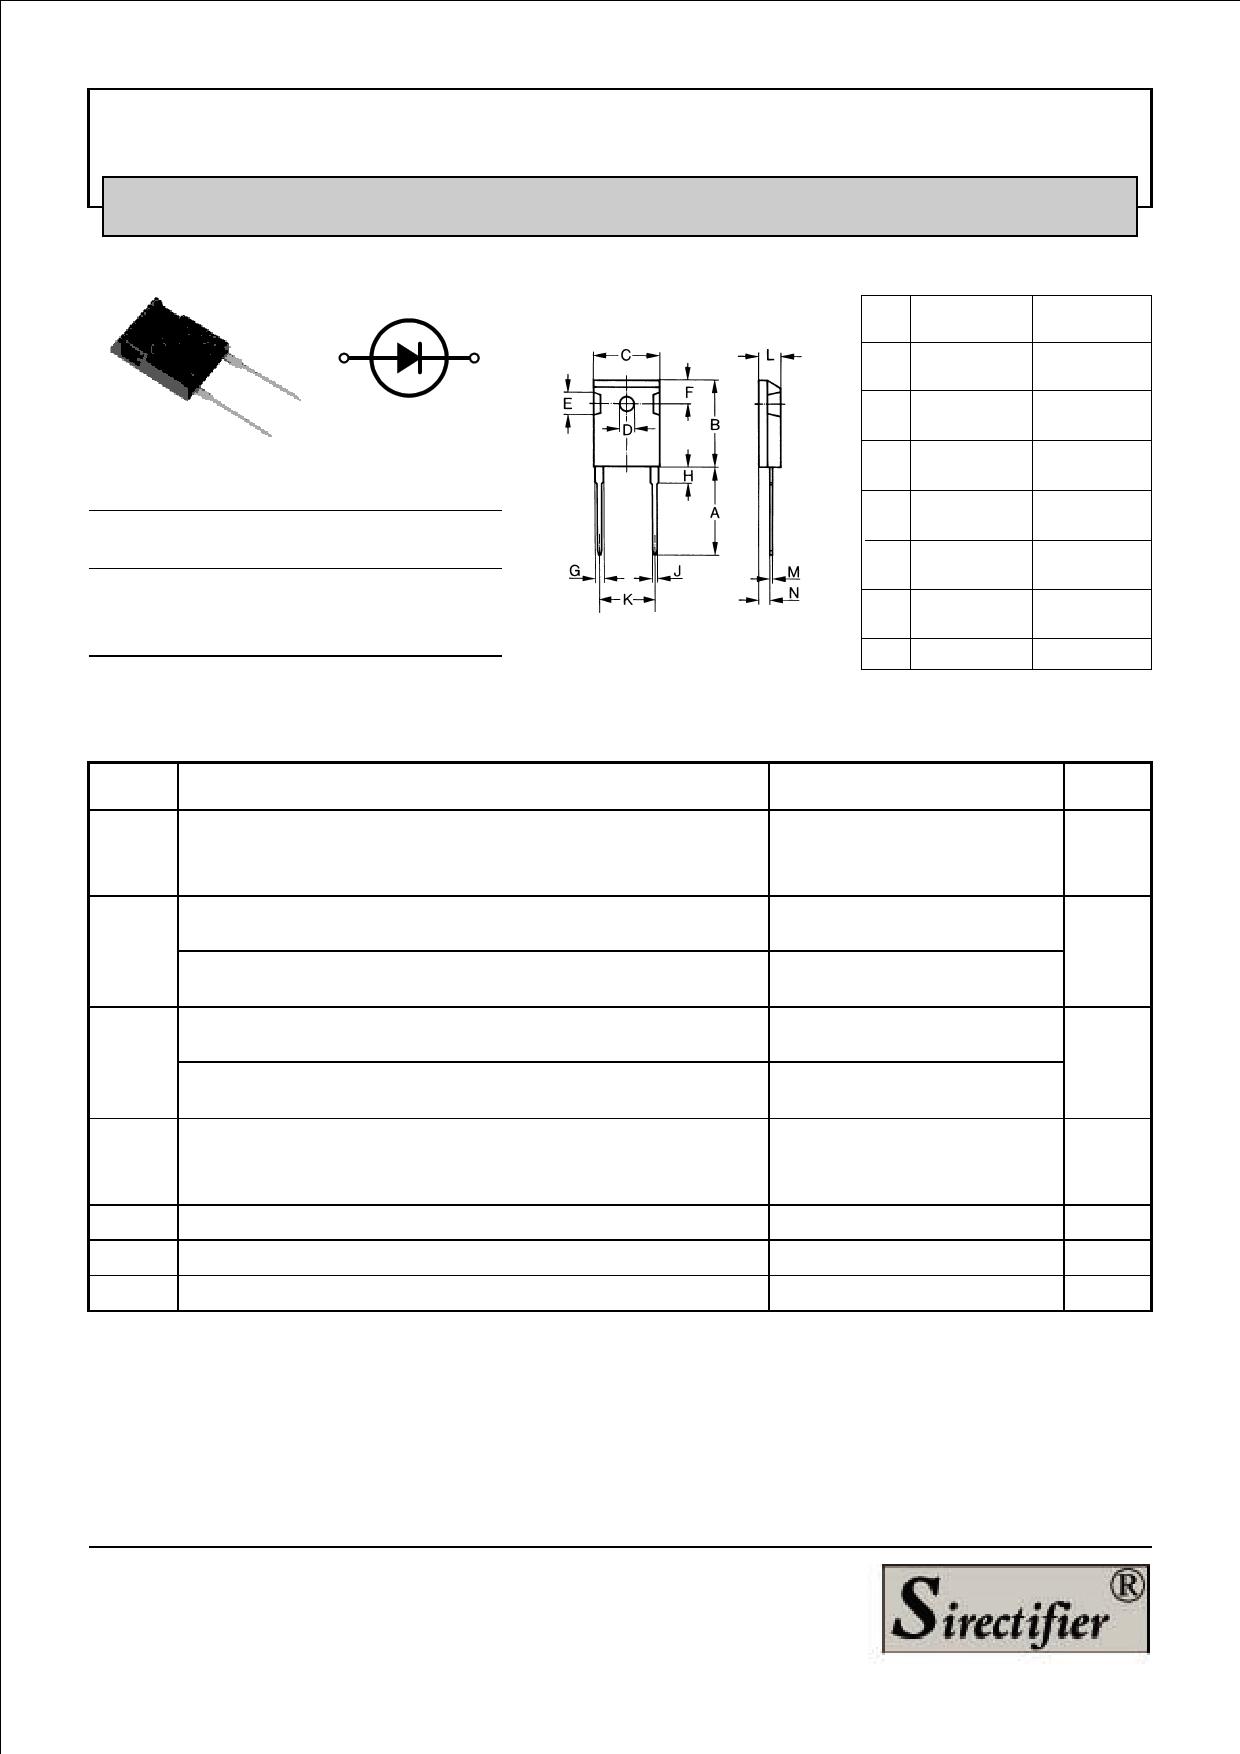 MUR6040 datasheet